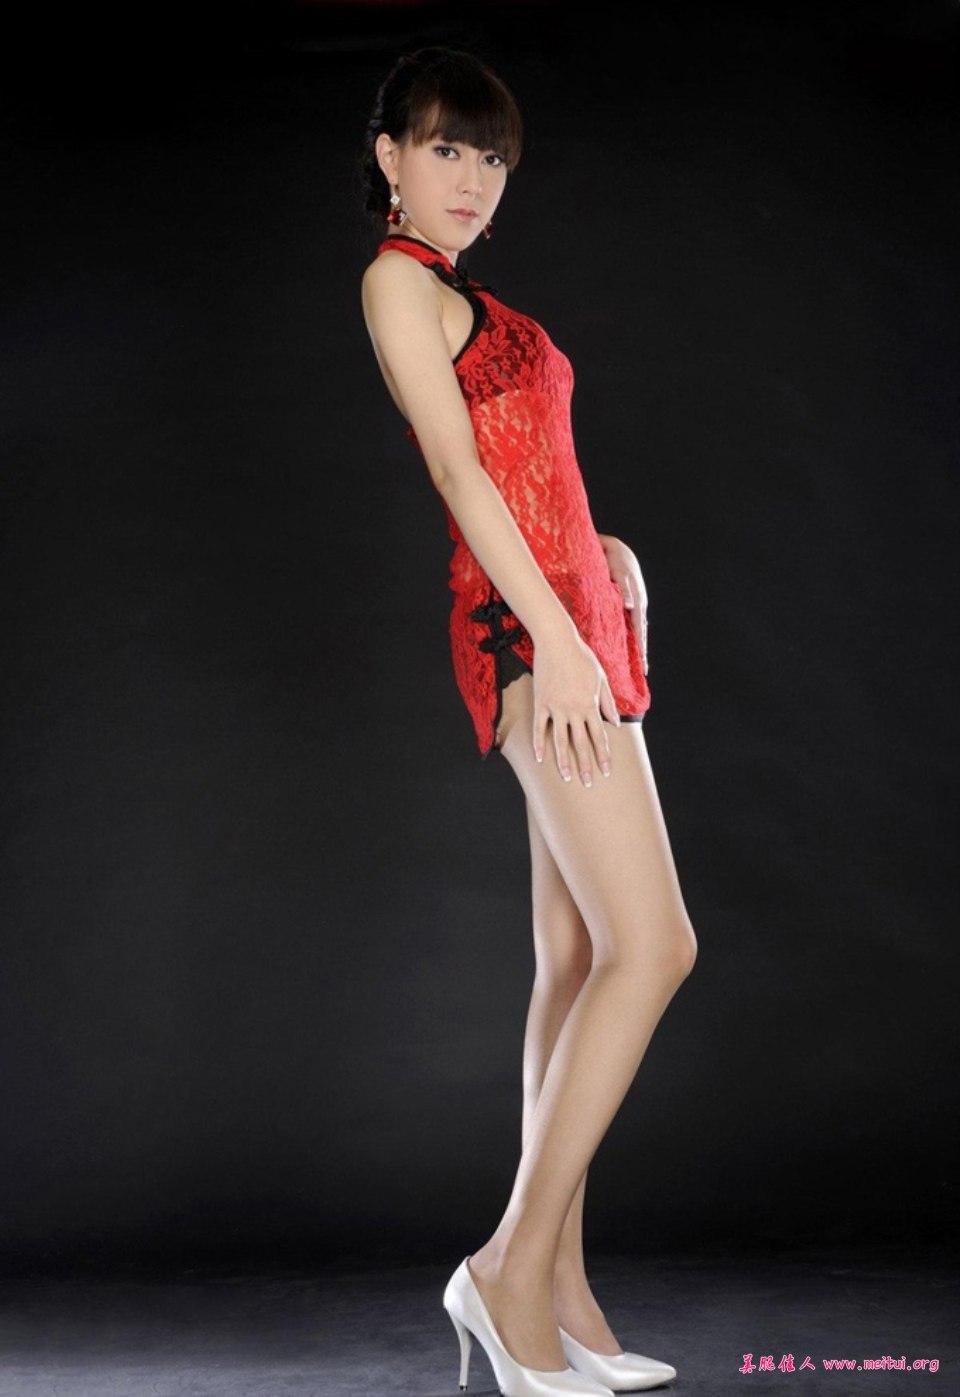 超短旗袍的丝袜写真很有展示空间